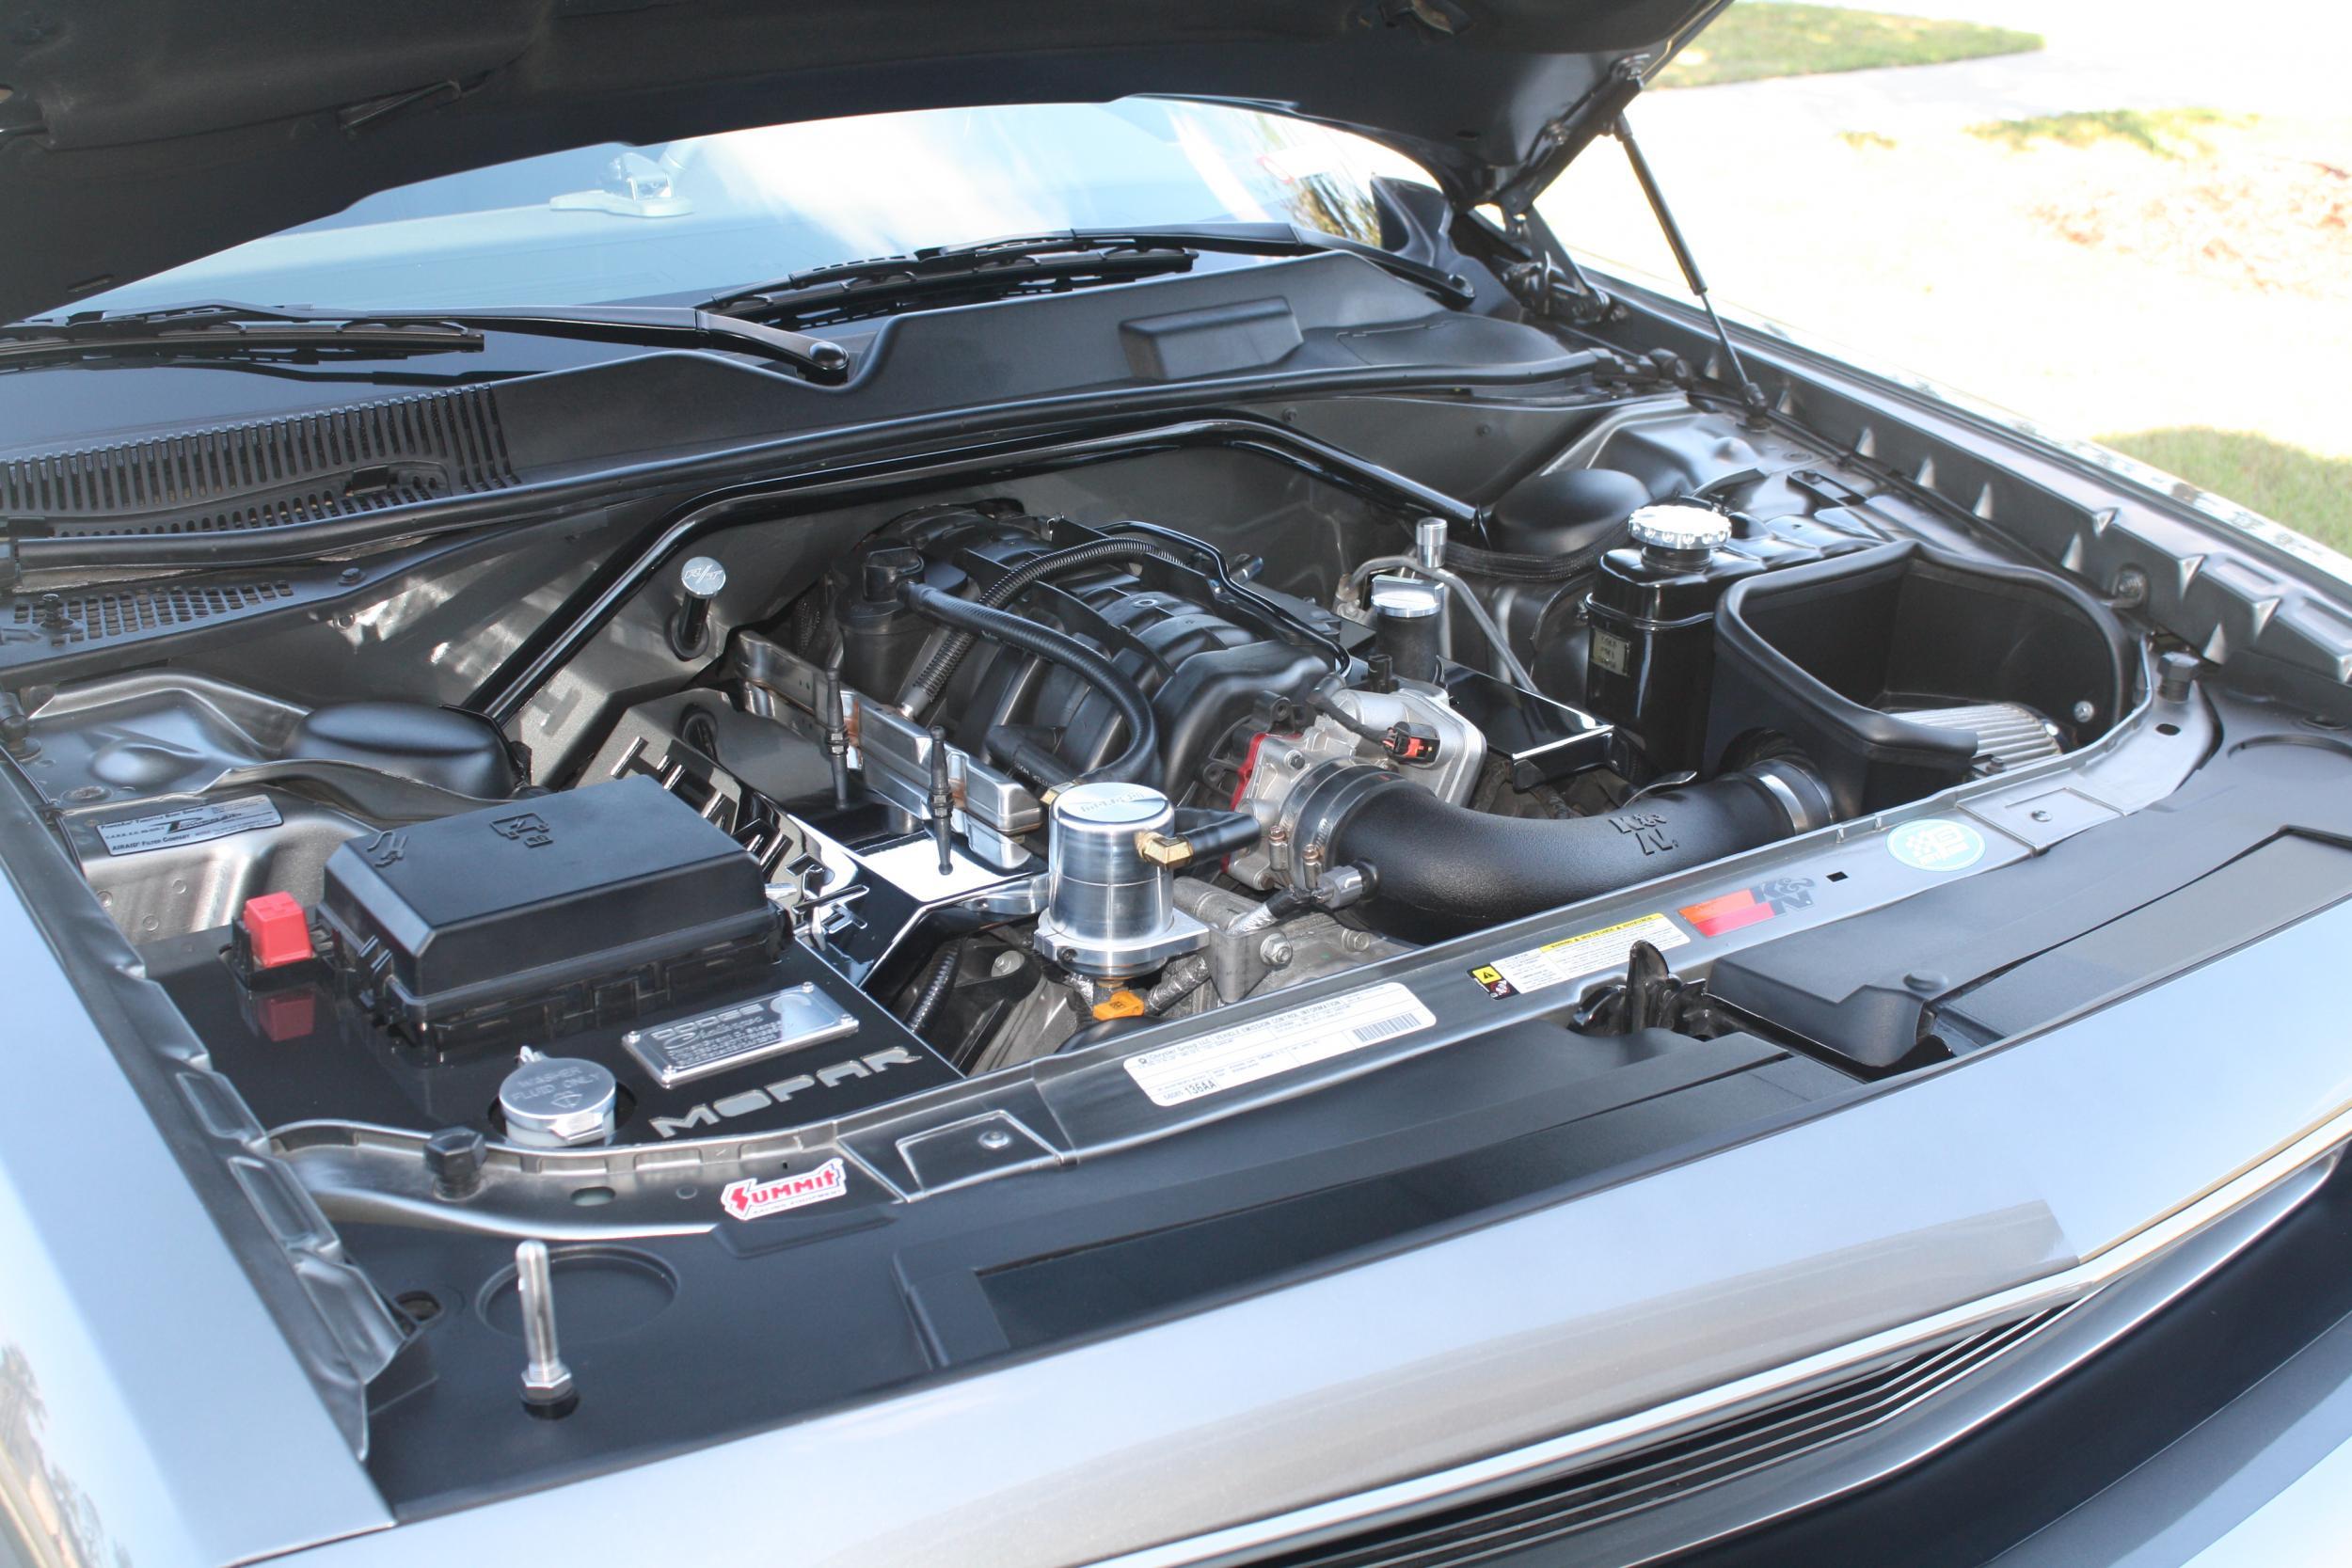 2008-12 Dodge Challenger Engine Bay Dress up kit